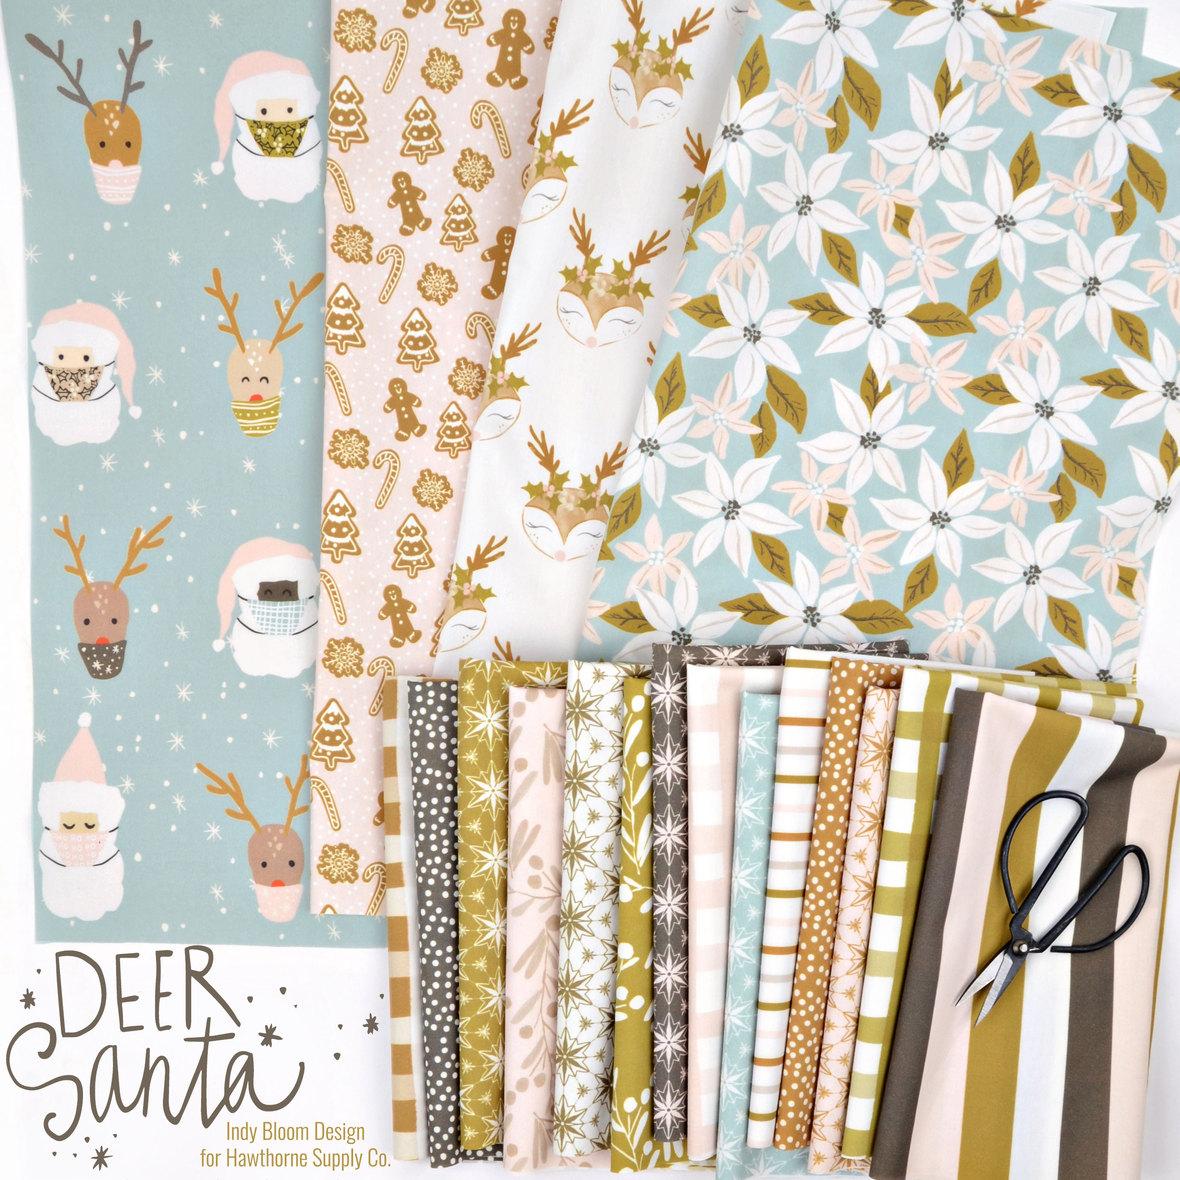 Deer-Santa-Indy-Bloom-for-Hawthorne-Supply-Co.